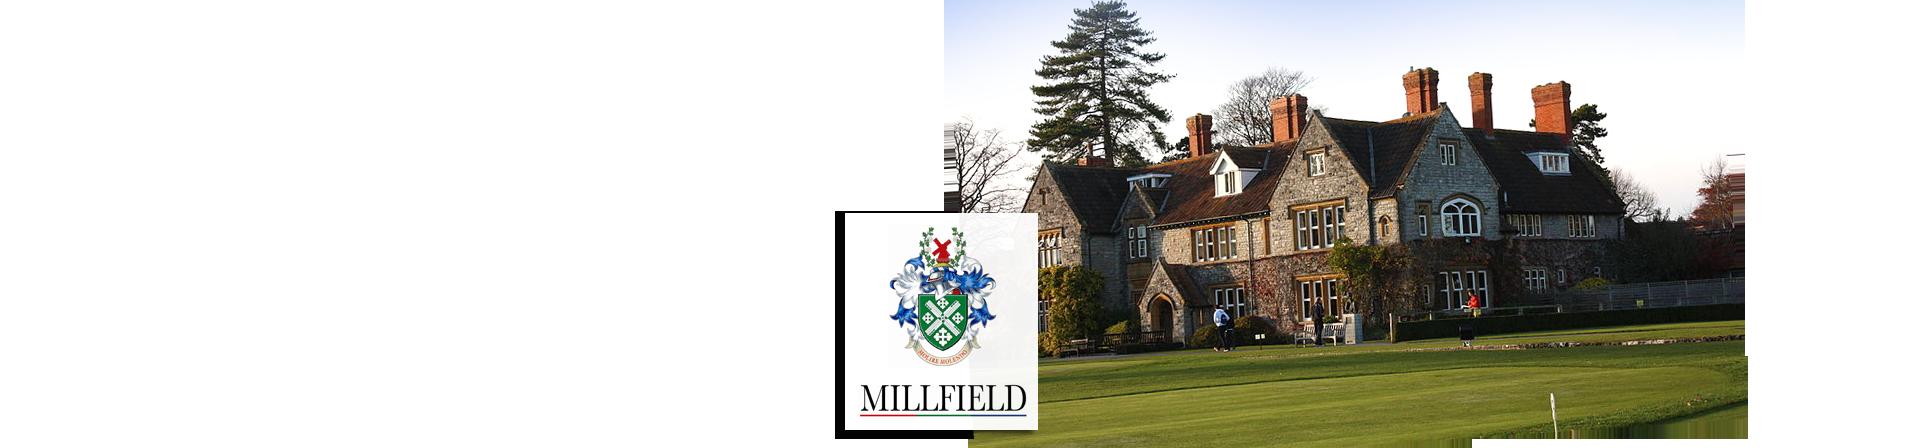 millfield-skola